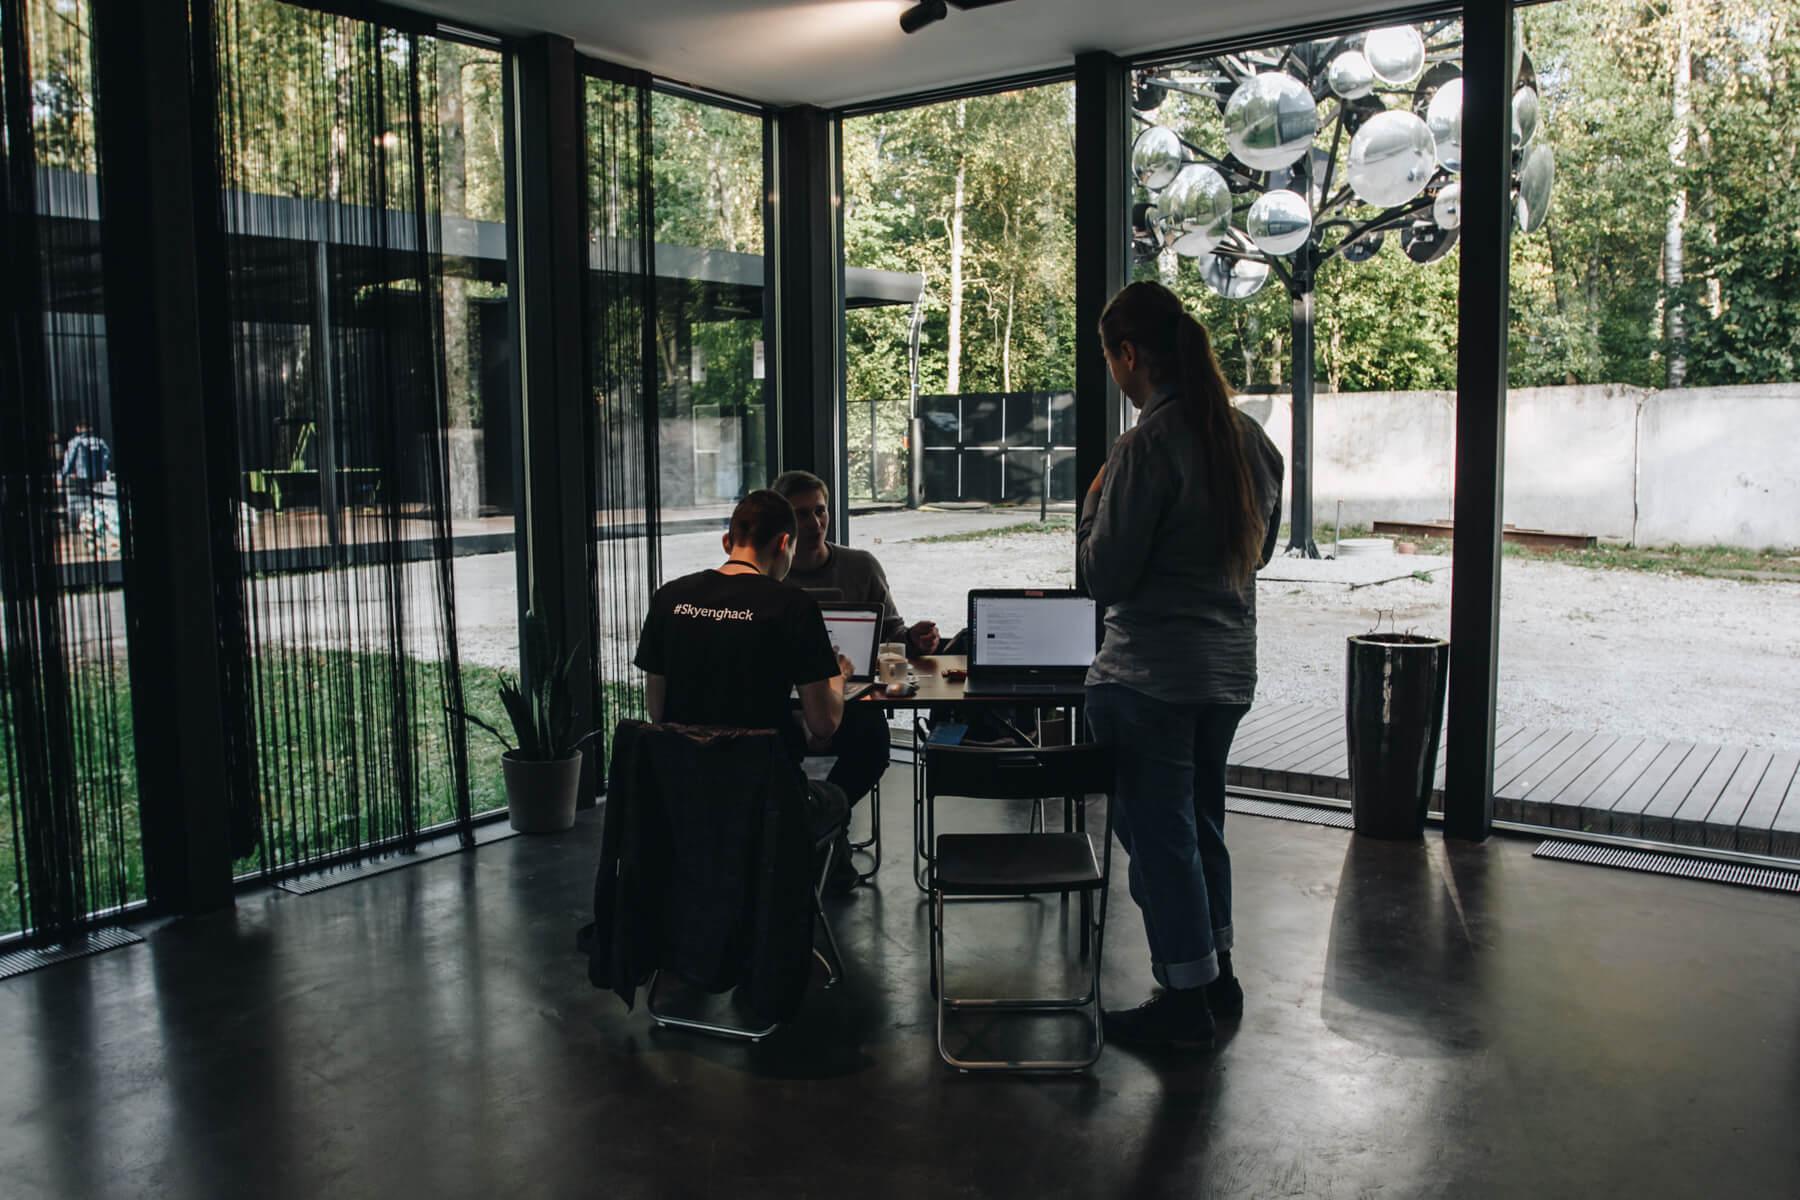 Первый хакатон Skyeng: 15 рабочих проектов за два дня - 3